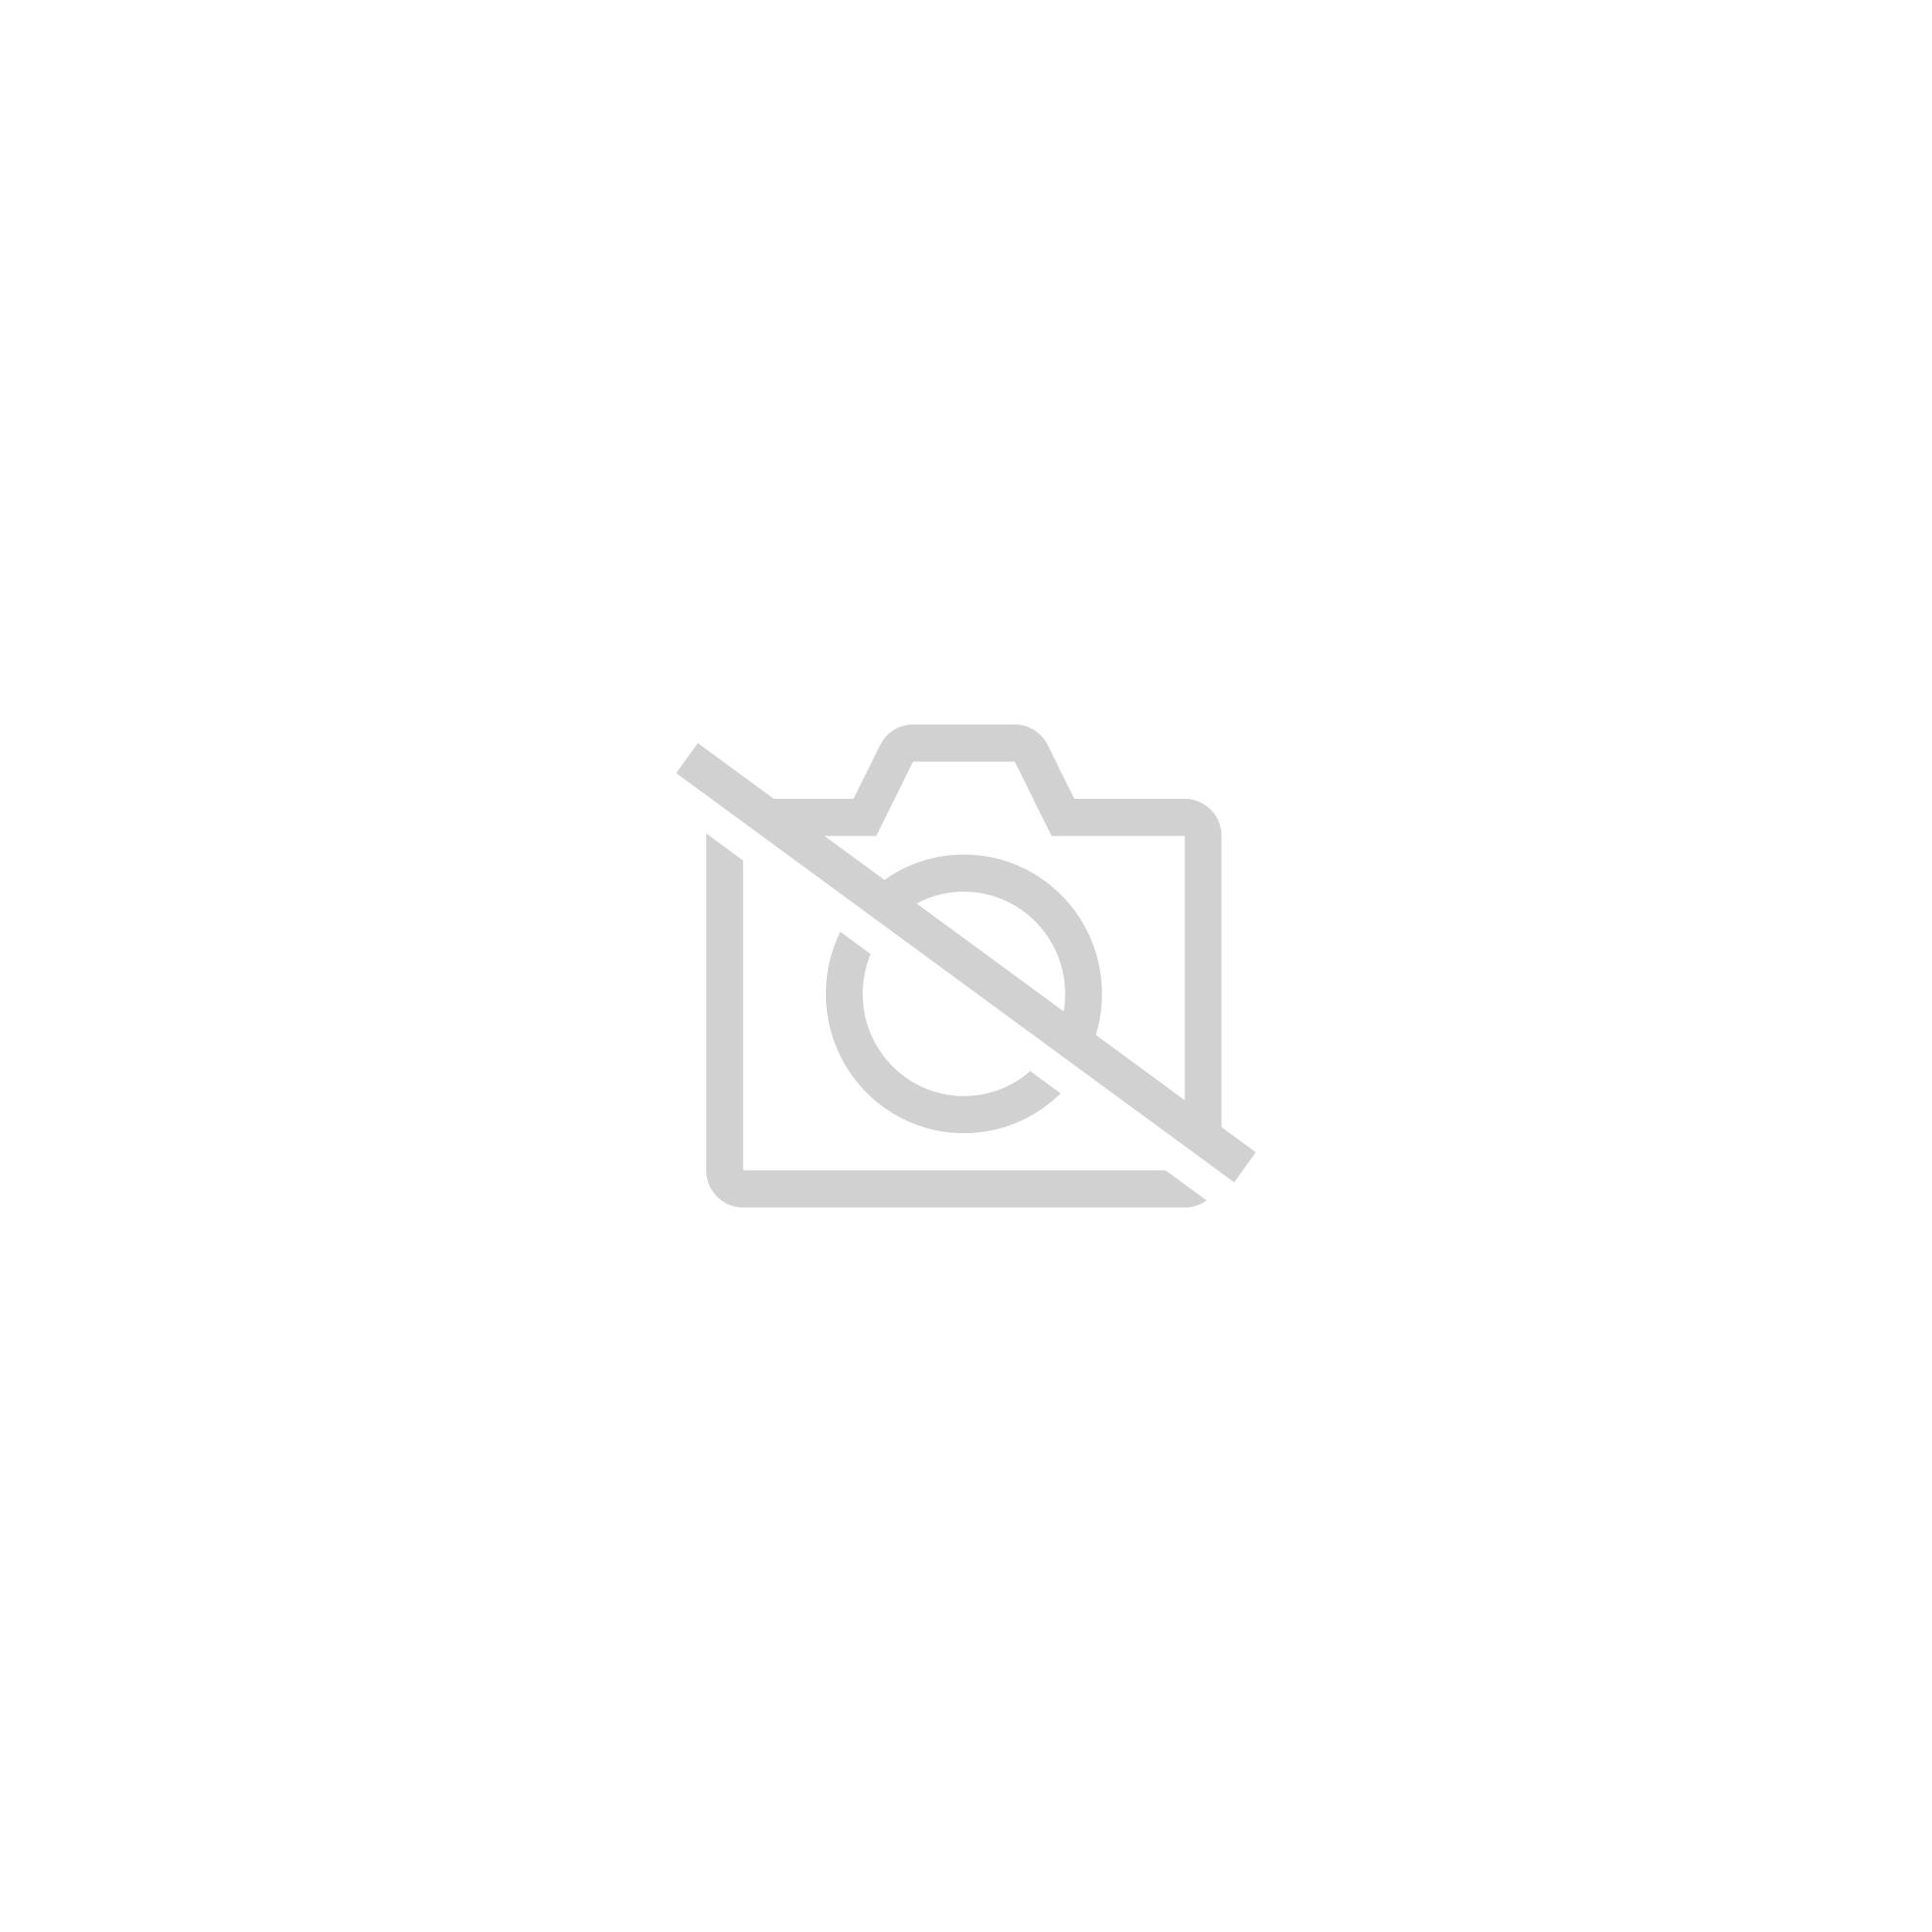 0.86 Pouce R6pro Smart Bracelets Coeur Taux Moniteur De Pression Artérielle Sport Remise En Forme Du Poignet Tracker Bracelet Intelligent Montre Intelligente